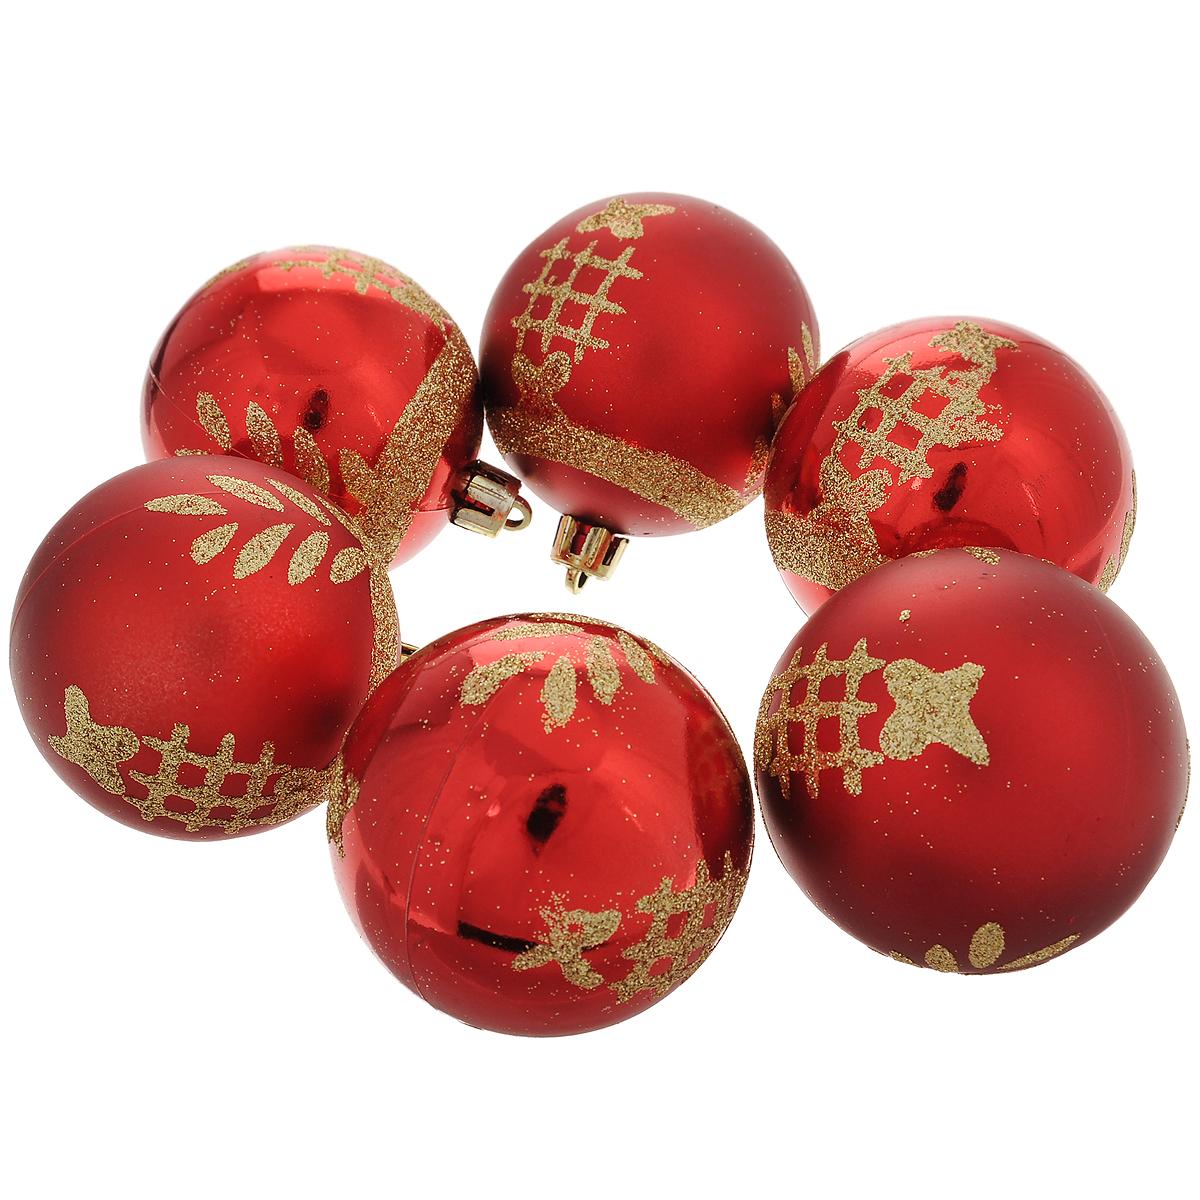 Набор новогодних подвесных украшений Шар, цвет: золотистый, красный, диаметр 6 см, 6 шт. 3551335513Набор новогодних подвесных украшений Шар прекрасно подойдет для праздничного декора новогодней ели. Состоит из шести шаров. Елочная игрушка - символ Нового года. Она несет в себе волшебство и красоту праздника. Создайте в своем доме атмосферу веселья и радости, украшая новогоднюю елку нарядными игрушками, которые будут из года в год накапливать теплоту воспоминаний. Коллекция декоративных украшений принесет в ваш дом ни с чем несравнимое ощущение волшебства! Откройте для себя удивительный мир сказок и грез. Почувствуйте волшебные минуты ожидания праздника, создайте новогоднее настроение вашим дорогим и близким.